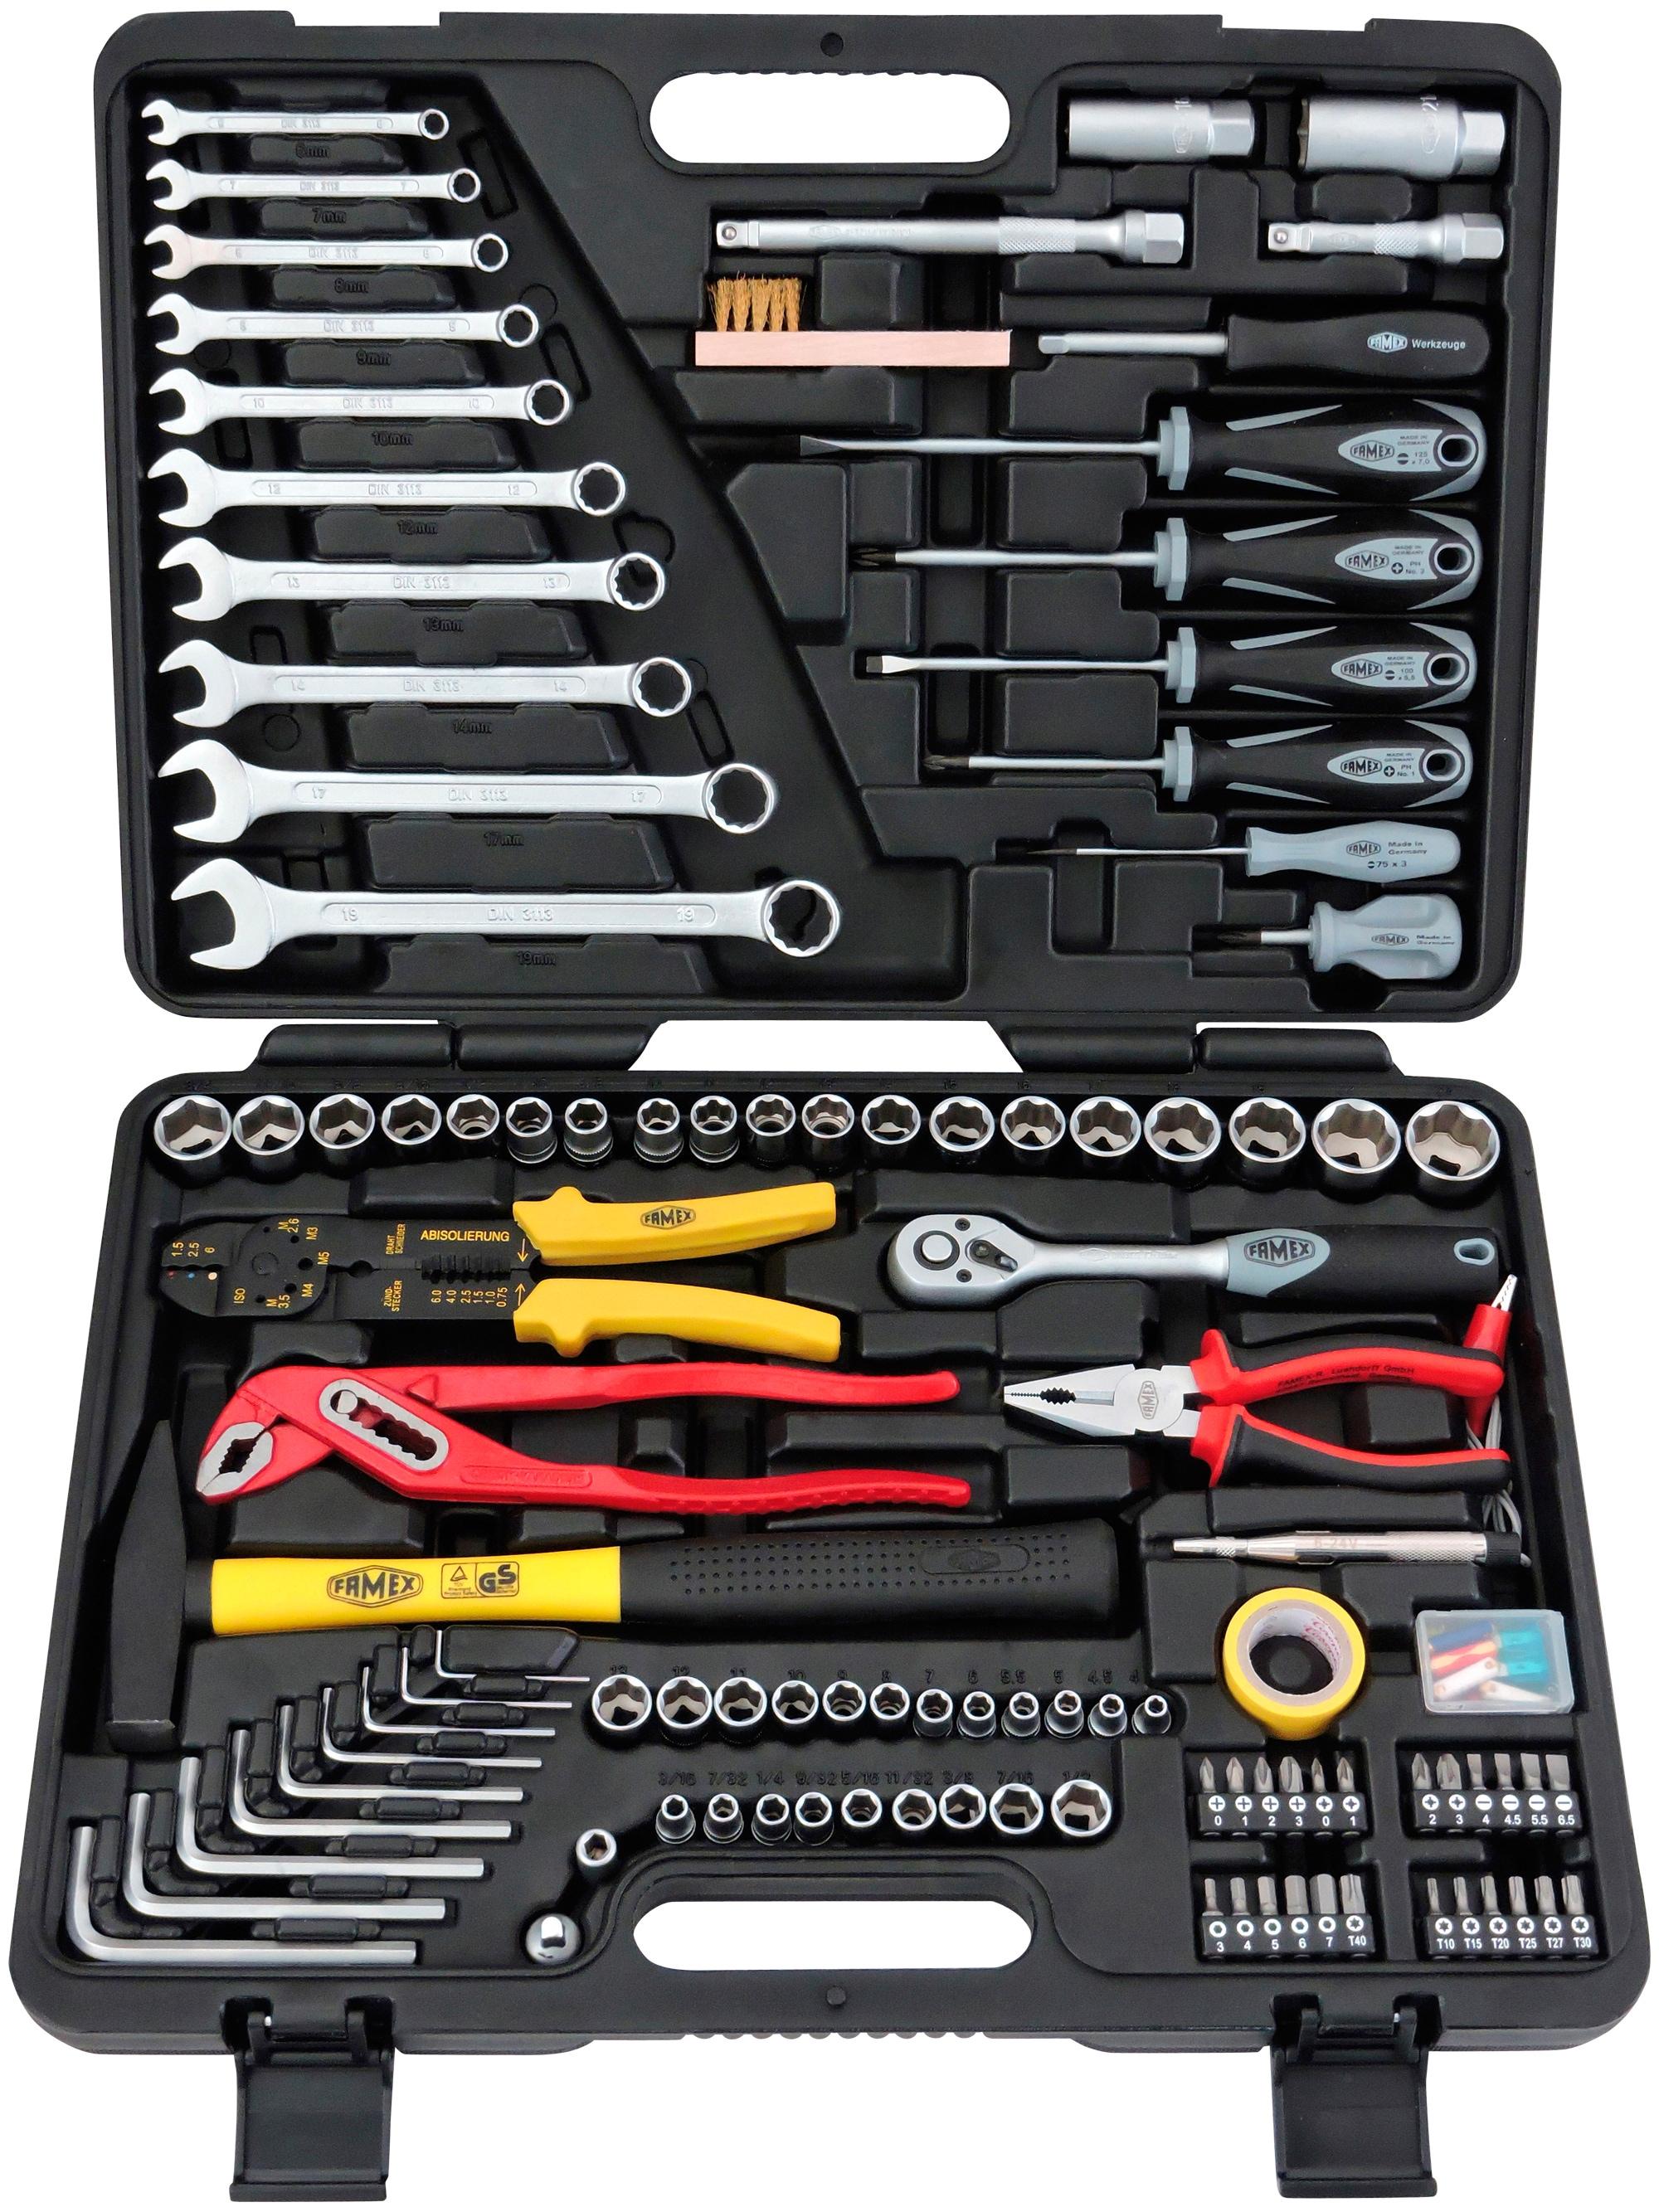 FAMEX Werkzeugkoffer »140-38«, 192-tlg. Set, für KFZ und Haushalt   Baumarkt > Werkzeug > Werkzeug-Sets   Schwarz   Cv - Poliert - Verchromt   FAMEX